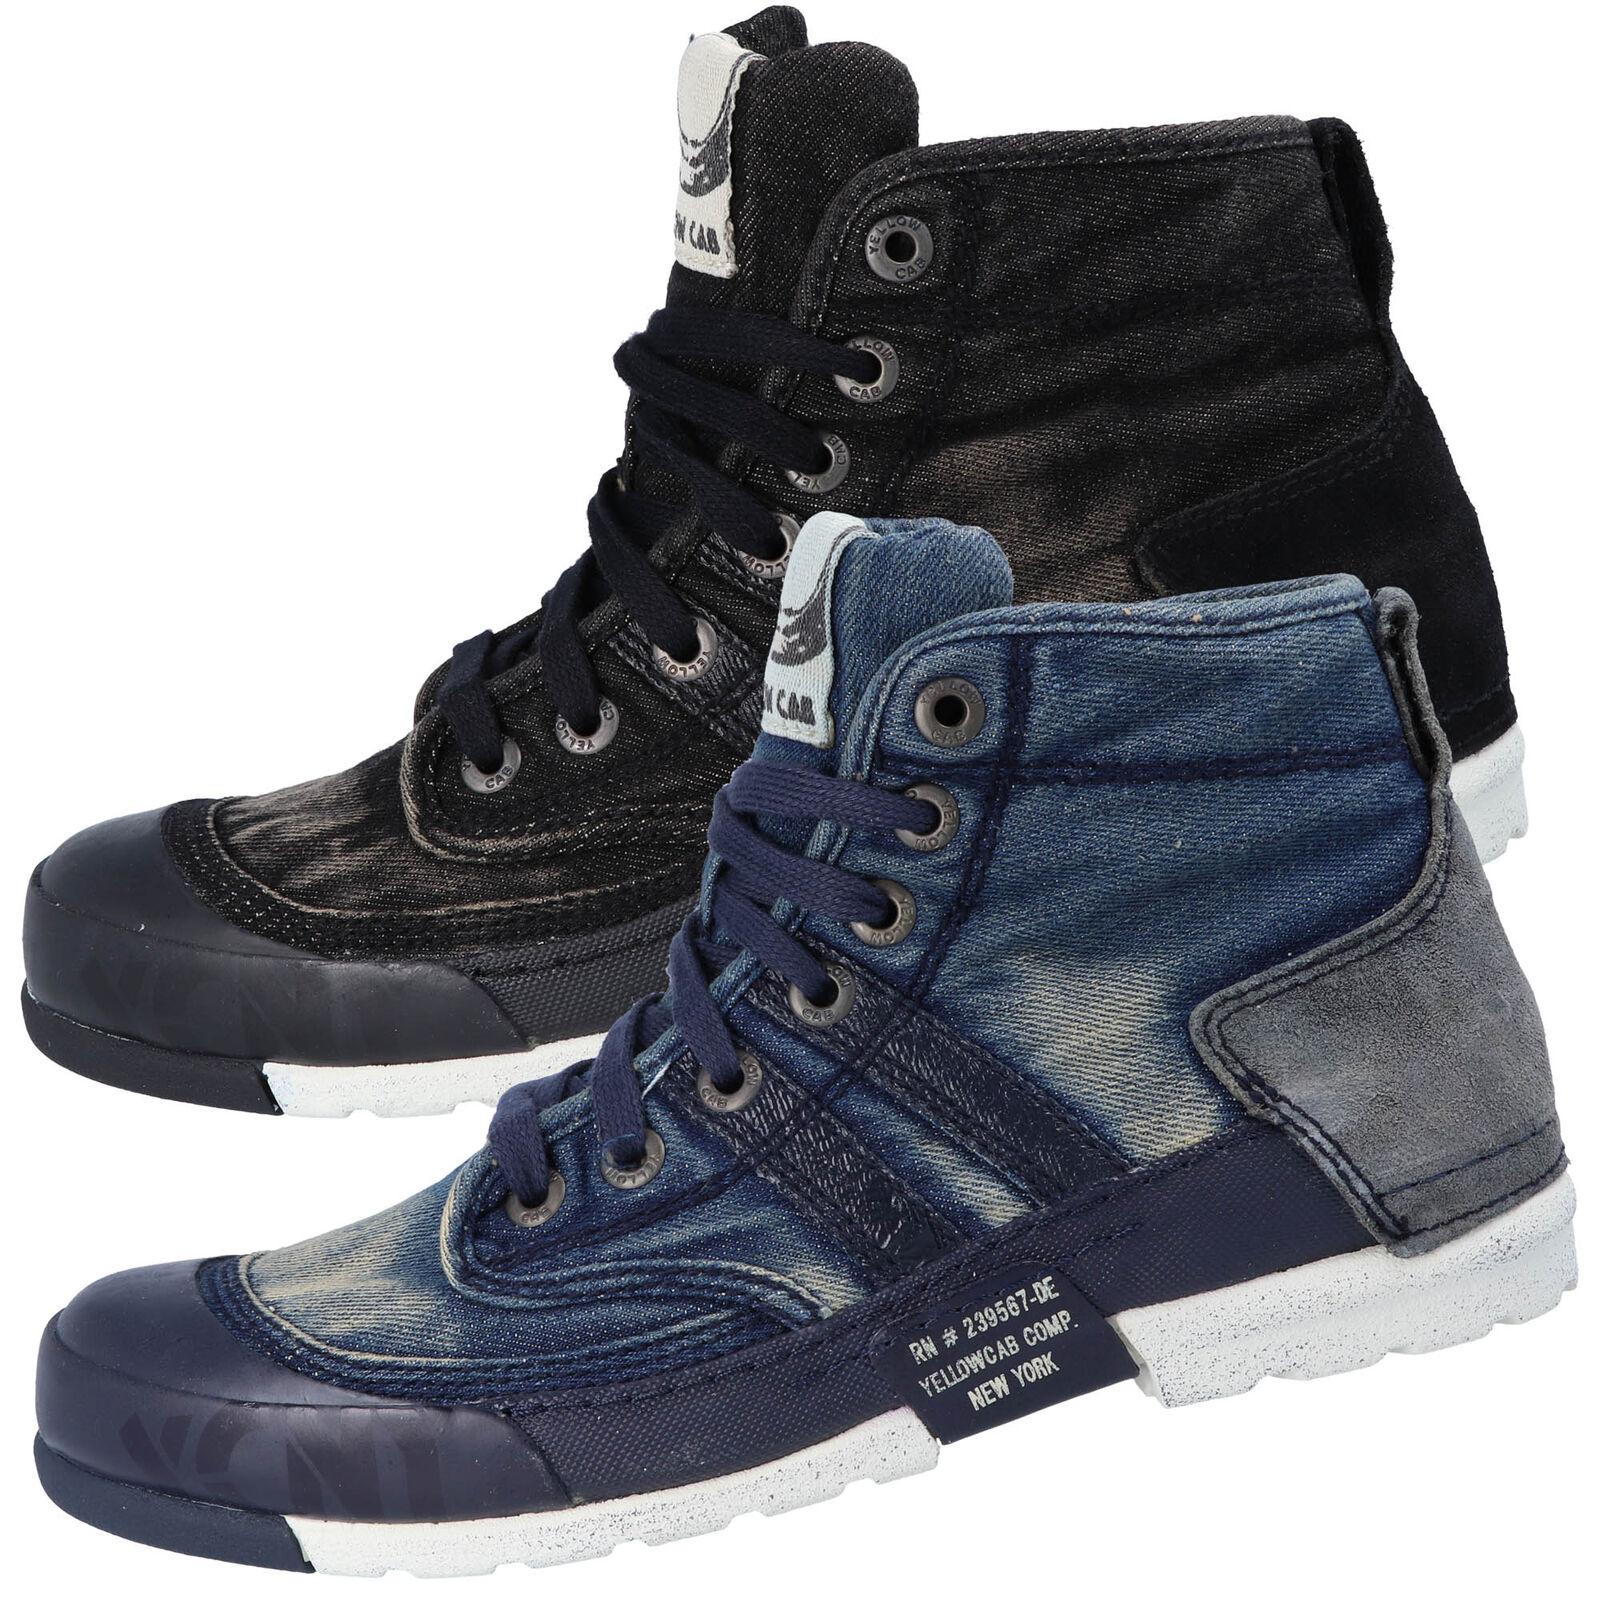 6da287b39f35f Yellow Cab MUD M Y15463 Herren Hohe Halbschuhe Sneaker Jeans Optik Blau  Schwarz